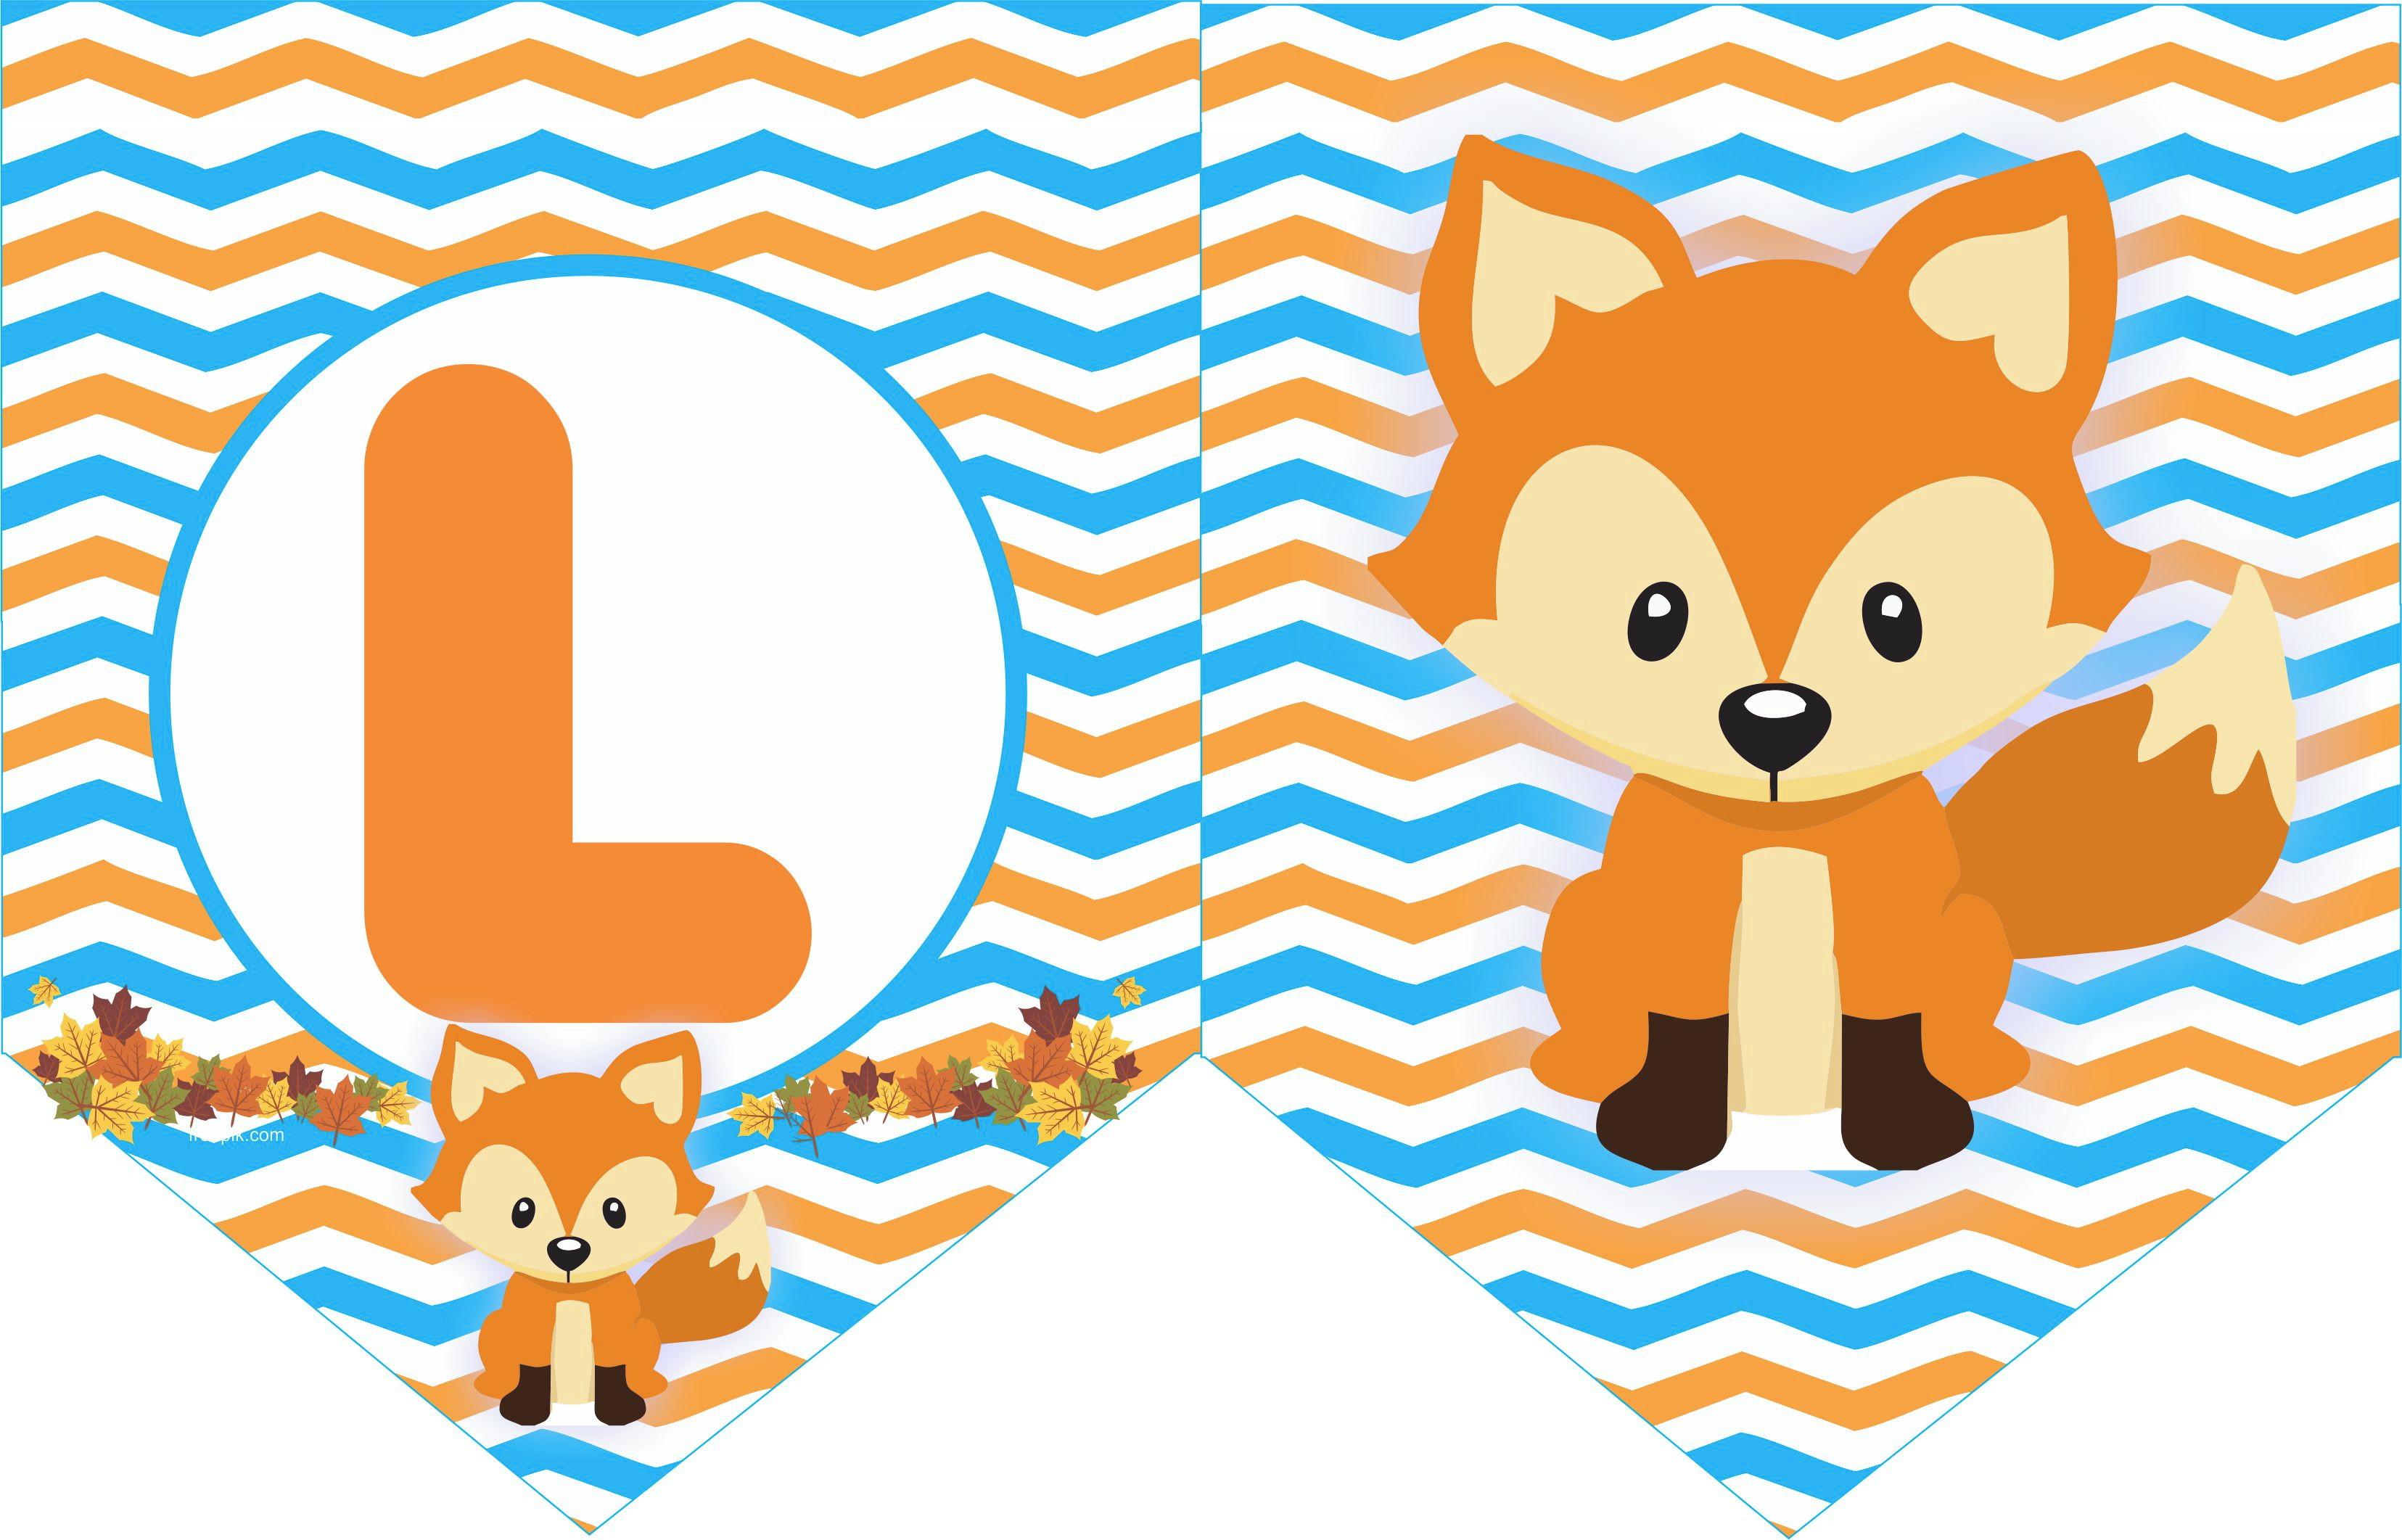 Bandeirola Raposa Animais Do Bosque No Elo7 La Dulce Embalagens